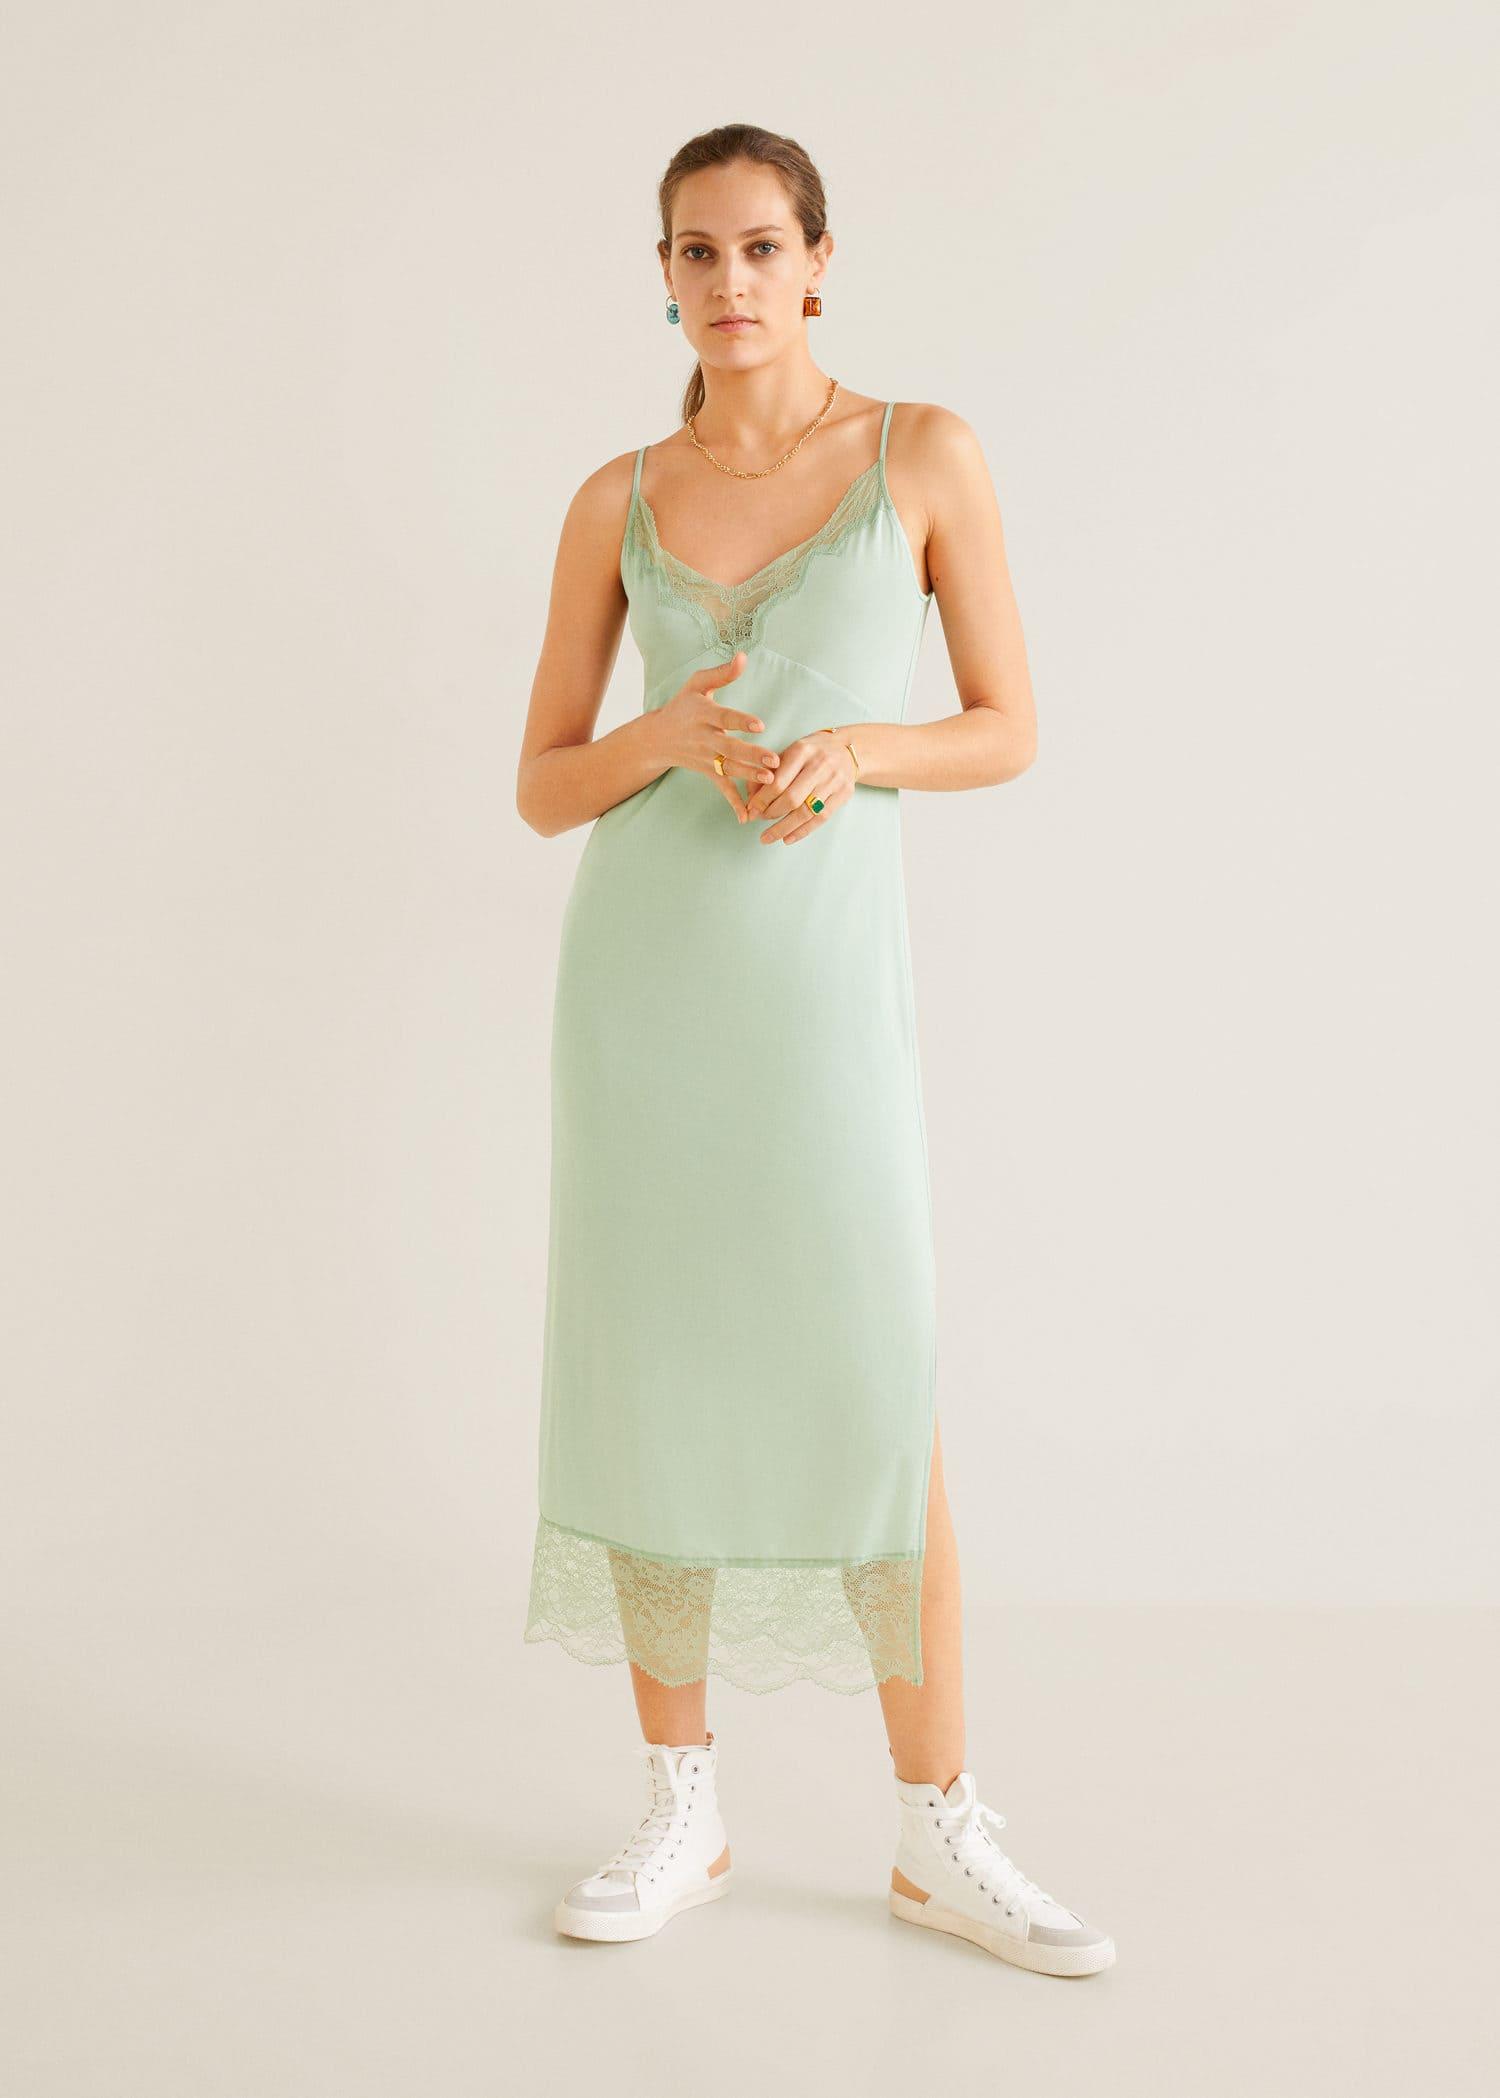 Donde puedo comprar vestidos de noche largos